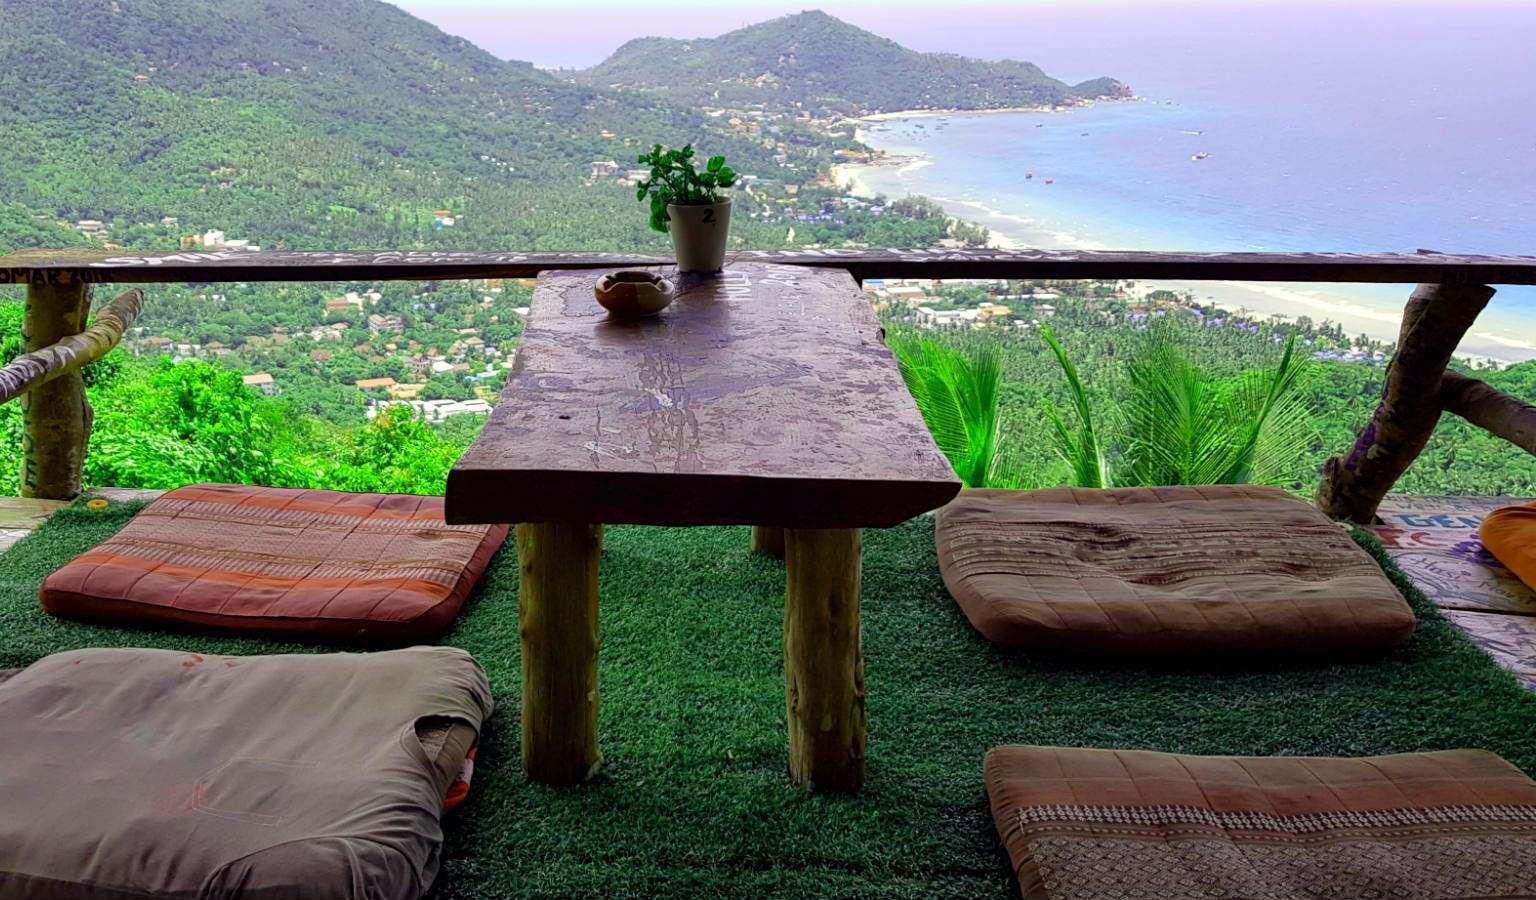 kussens rondom een tafeltje met uitzicht over Sairee Beach